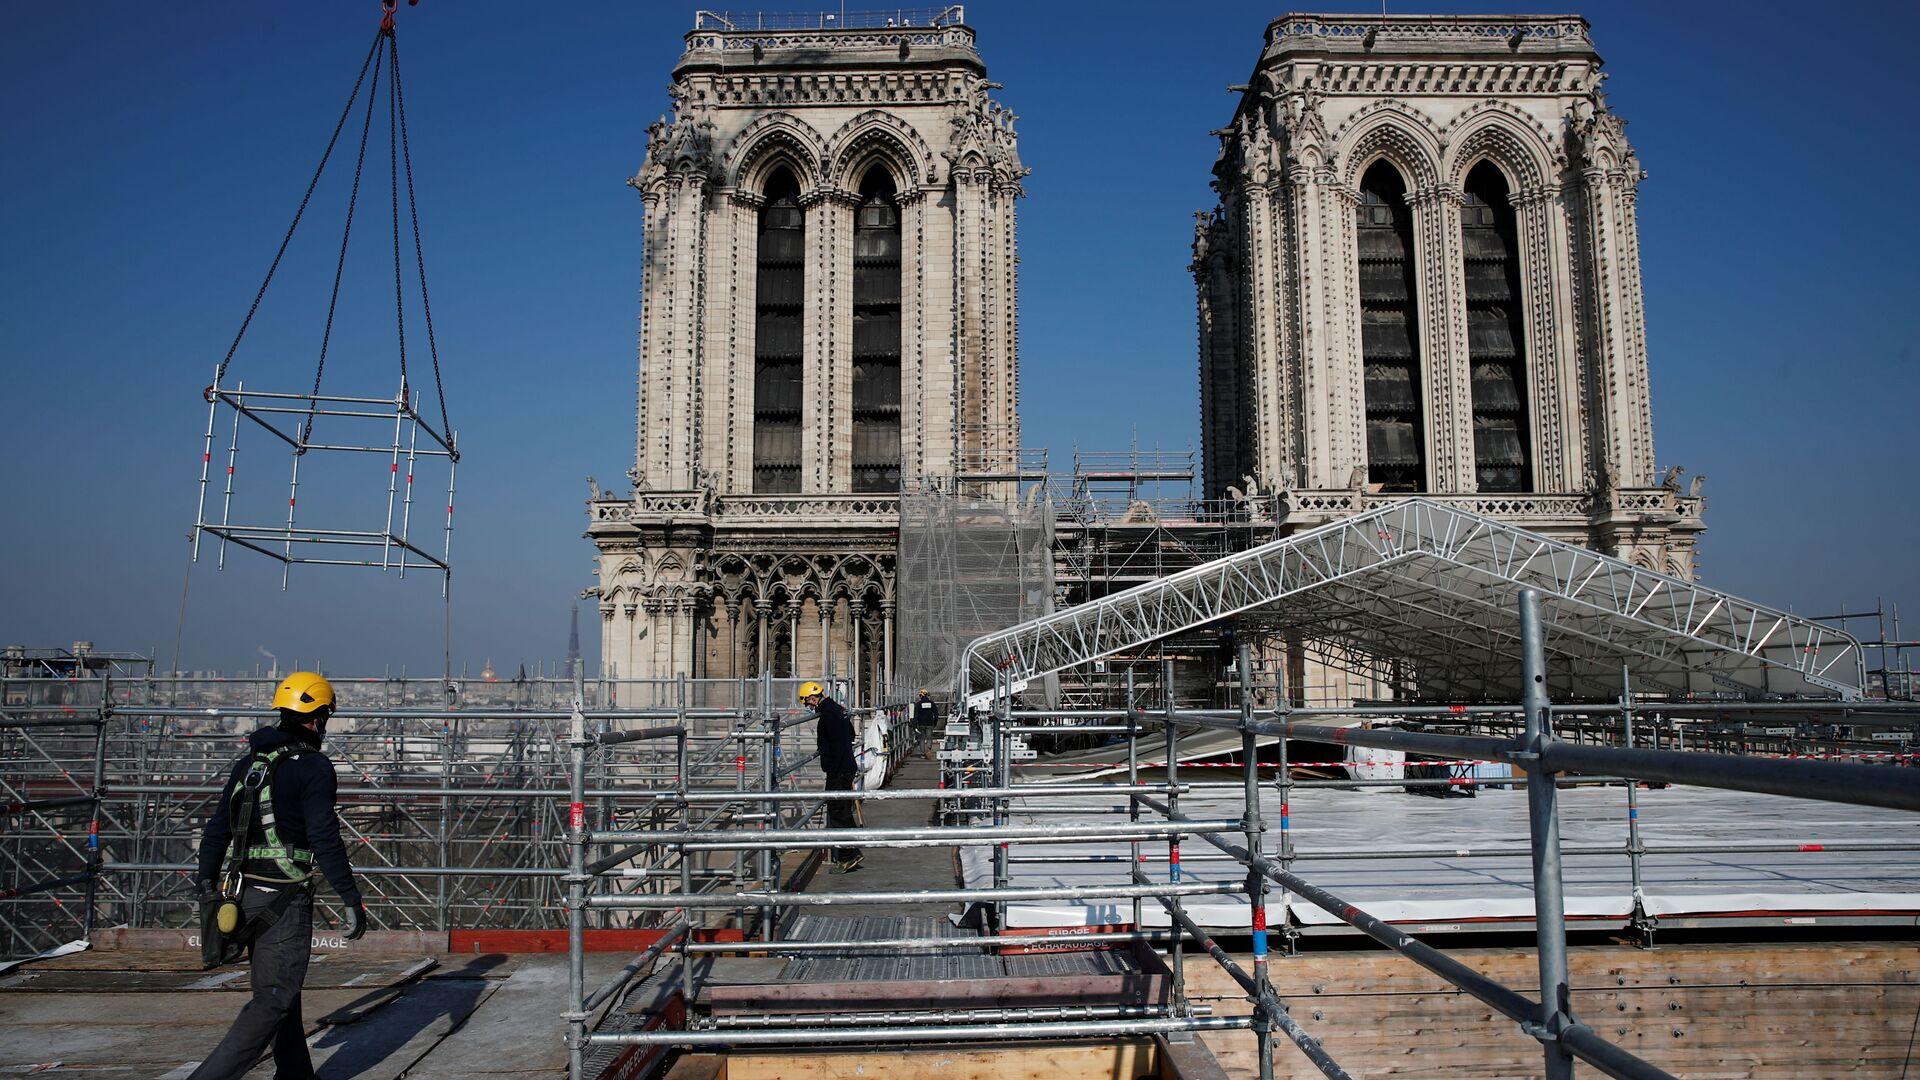 Zpevnění vyhořelé katedrály Notre Dame - Sputnik Česká republika, 1920, 18.09.2021